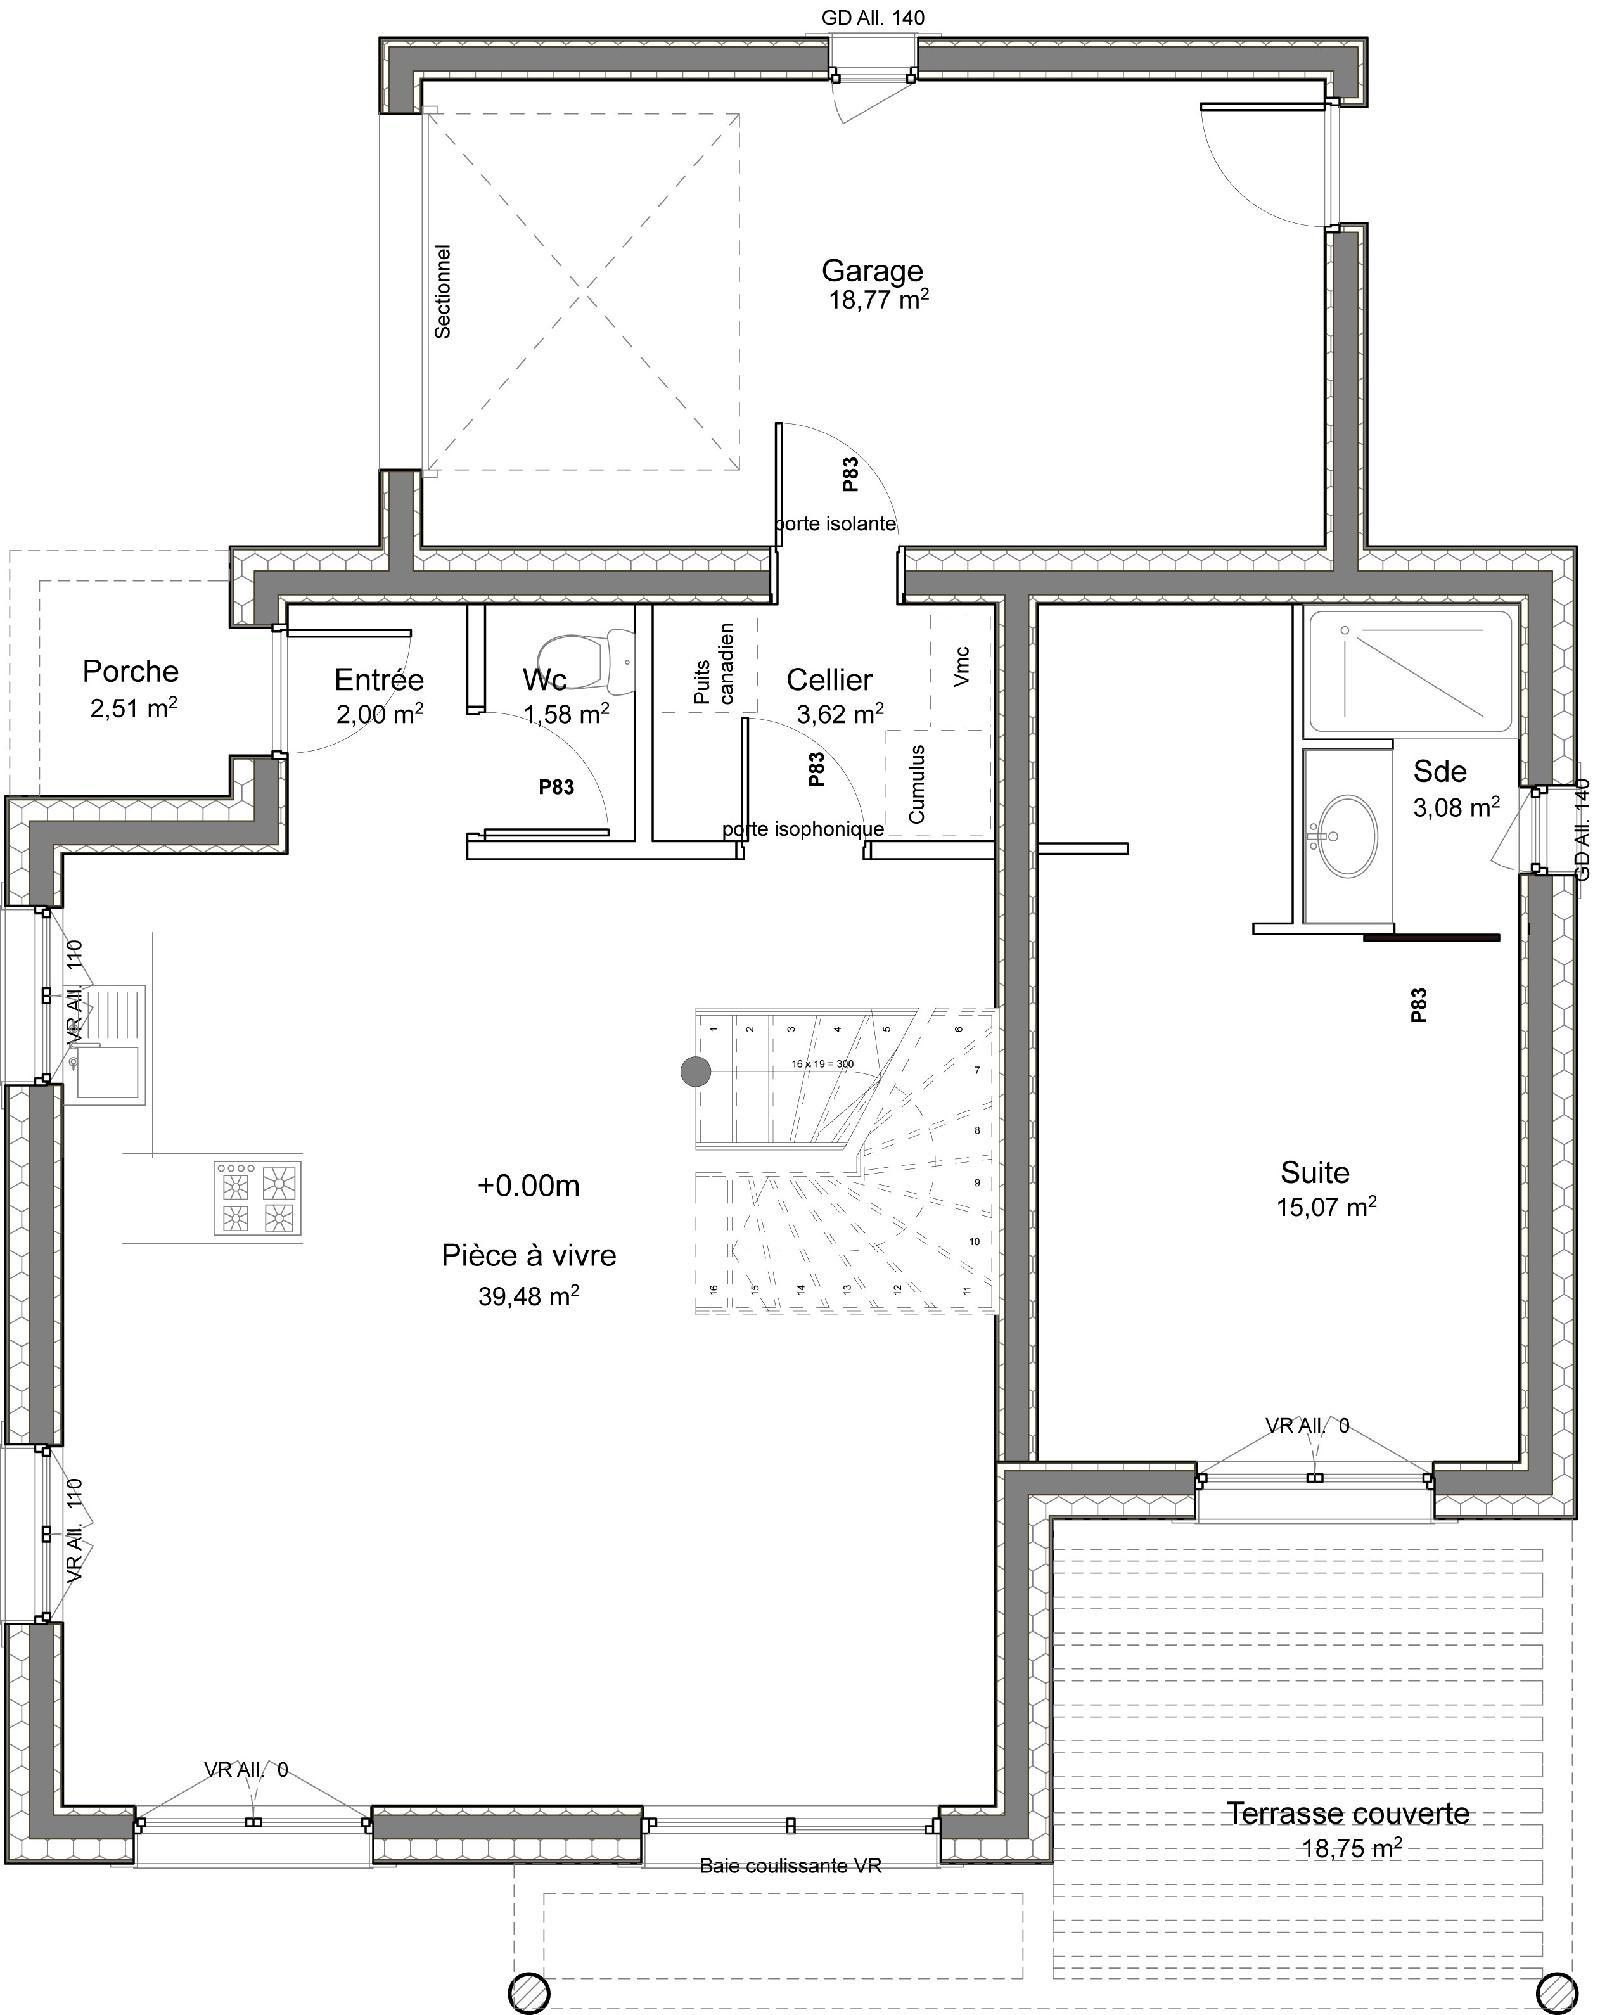 Casa de dos plantas 4 dormitorios y 109 metros cuadrados for Planos y fachadas de casas pequenas de dos plantas